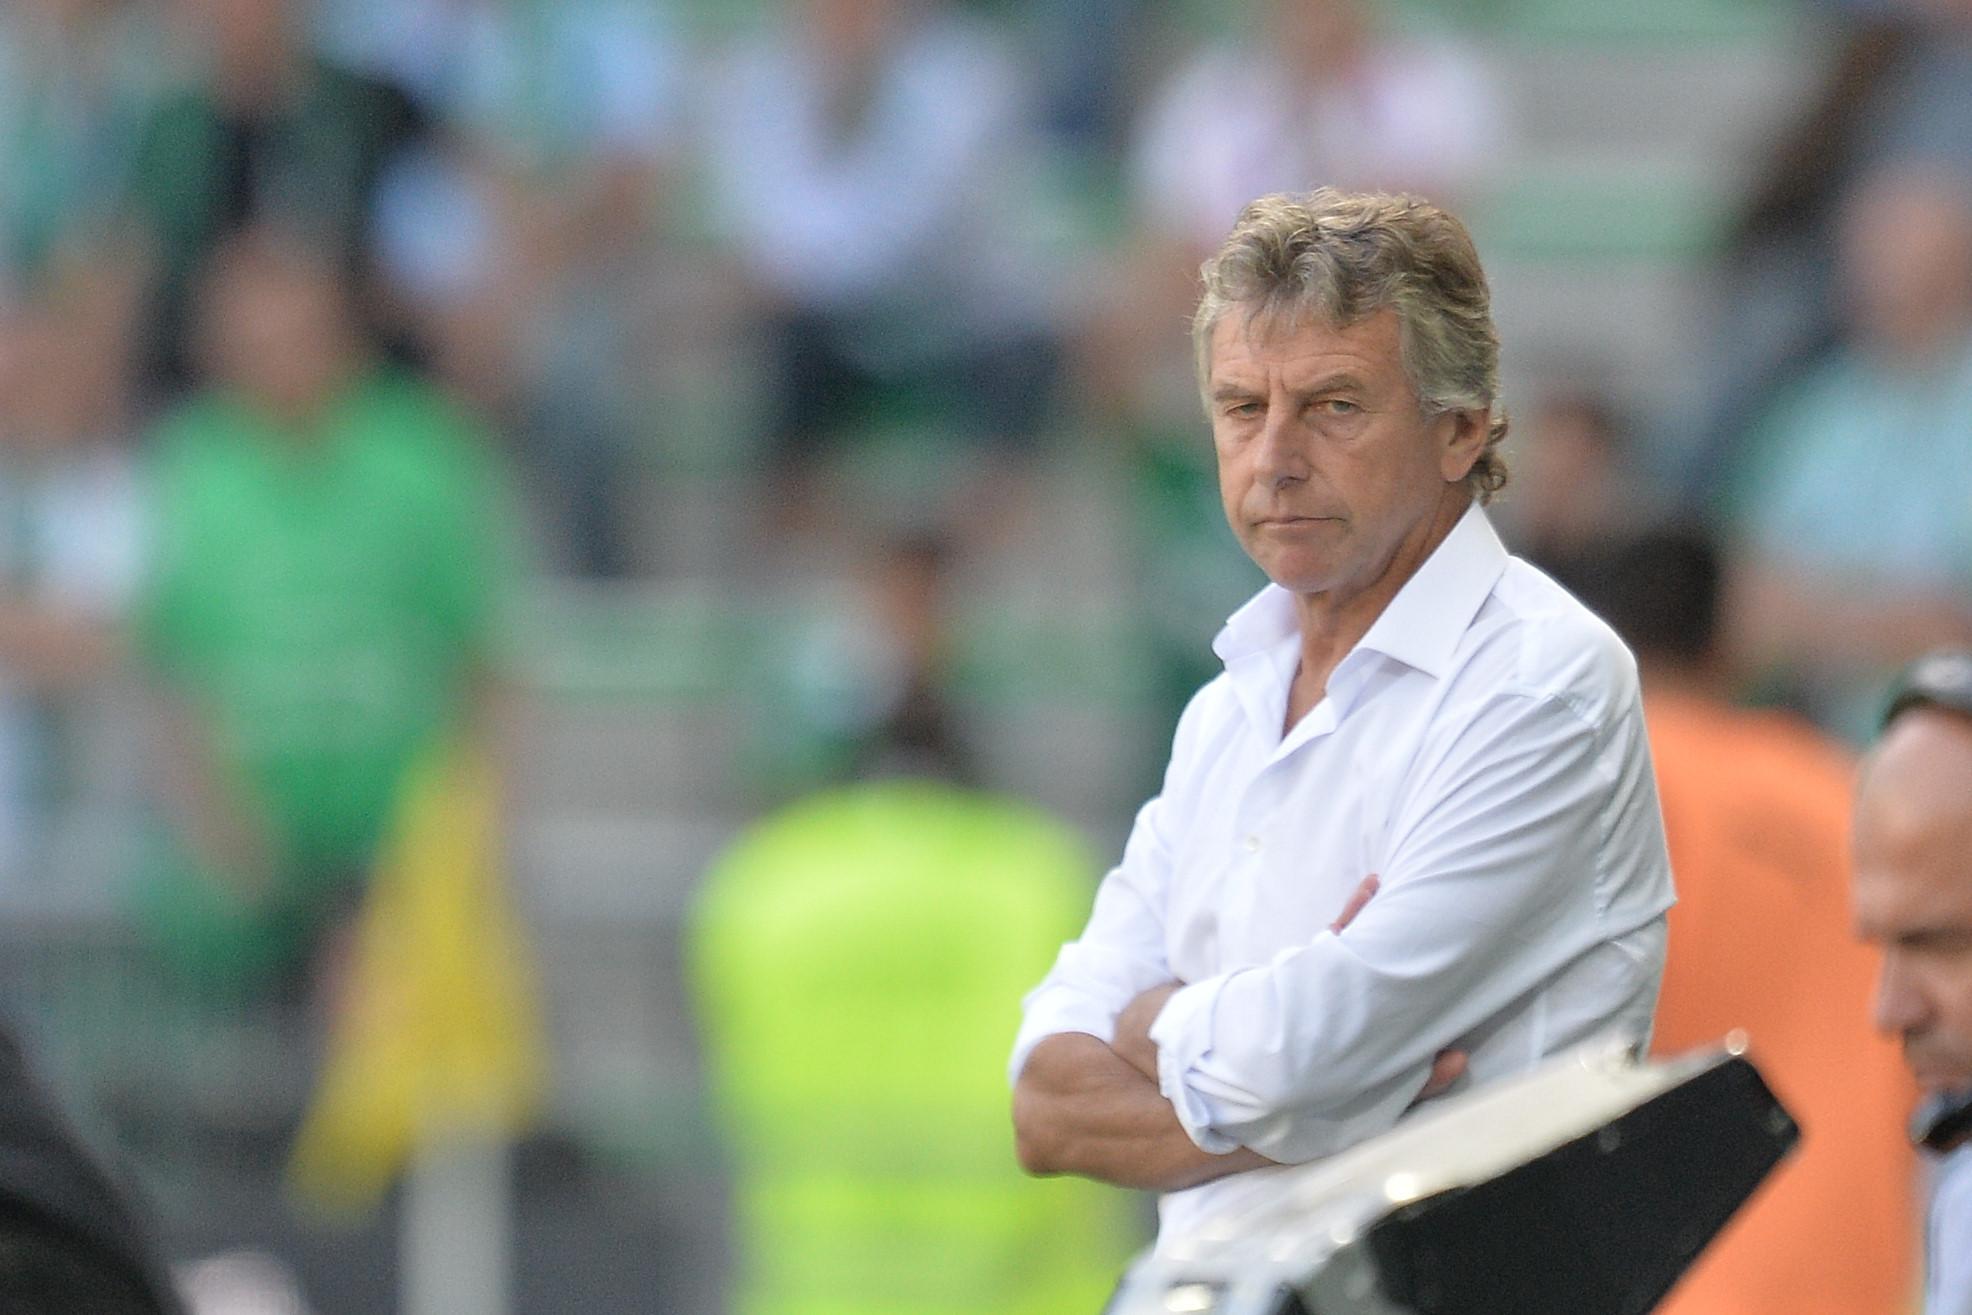 Ligue 1 - Après 5 questions, Gourcuff quitte la conférence de presse